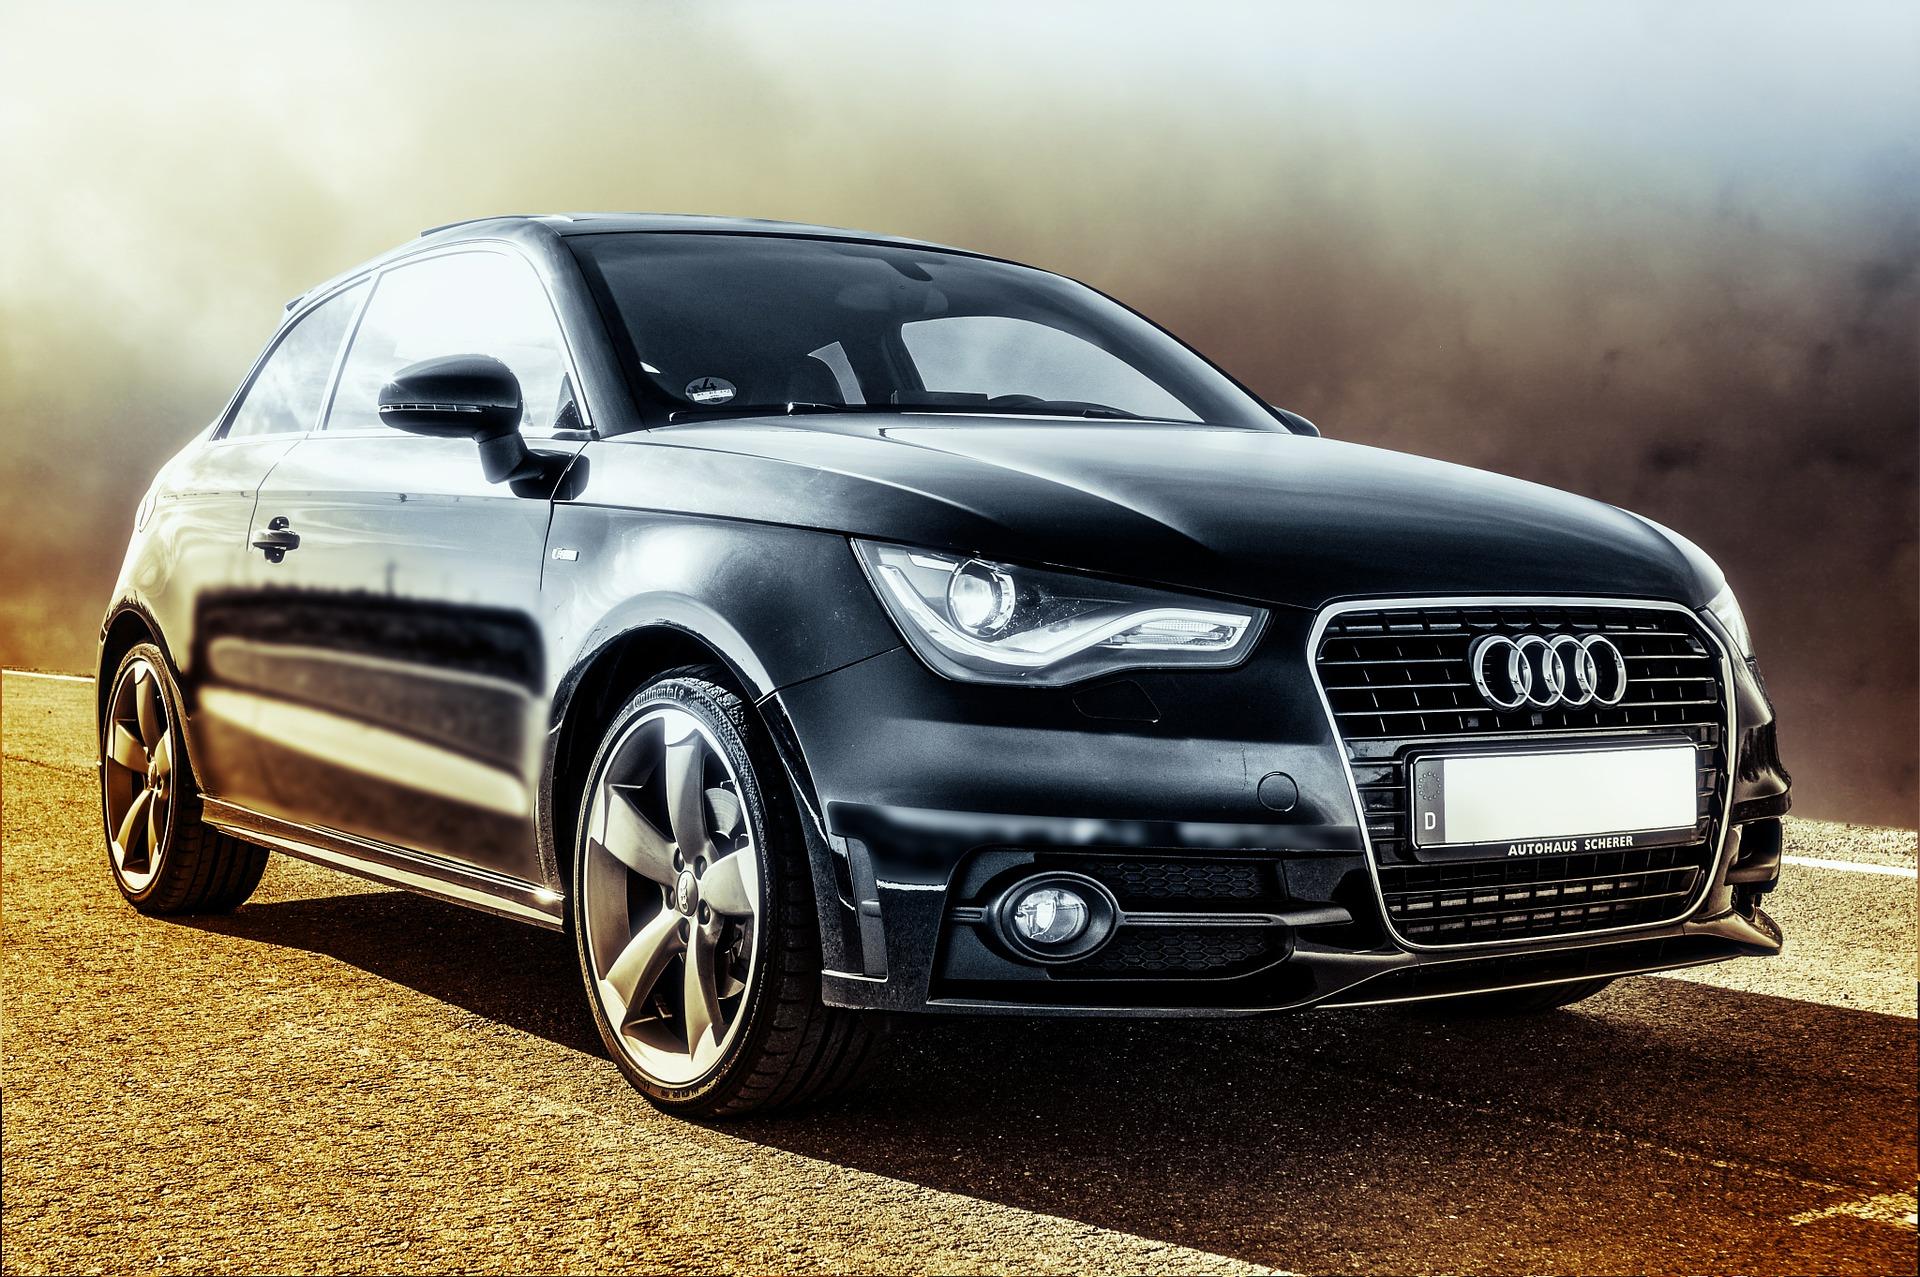 Reprise Audi d'occasion, avec ou sans CT, non roulante, en panne, moteur HS, accidentée. Rachat Audi moteur cassé, boite DSG HS, boite auto cassée. Egalement Rachat Audi pour pièces ou pour export !